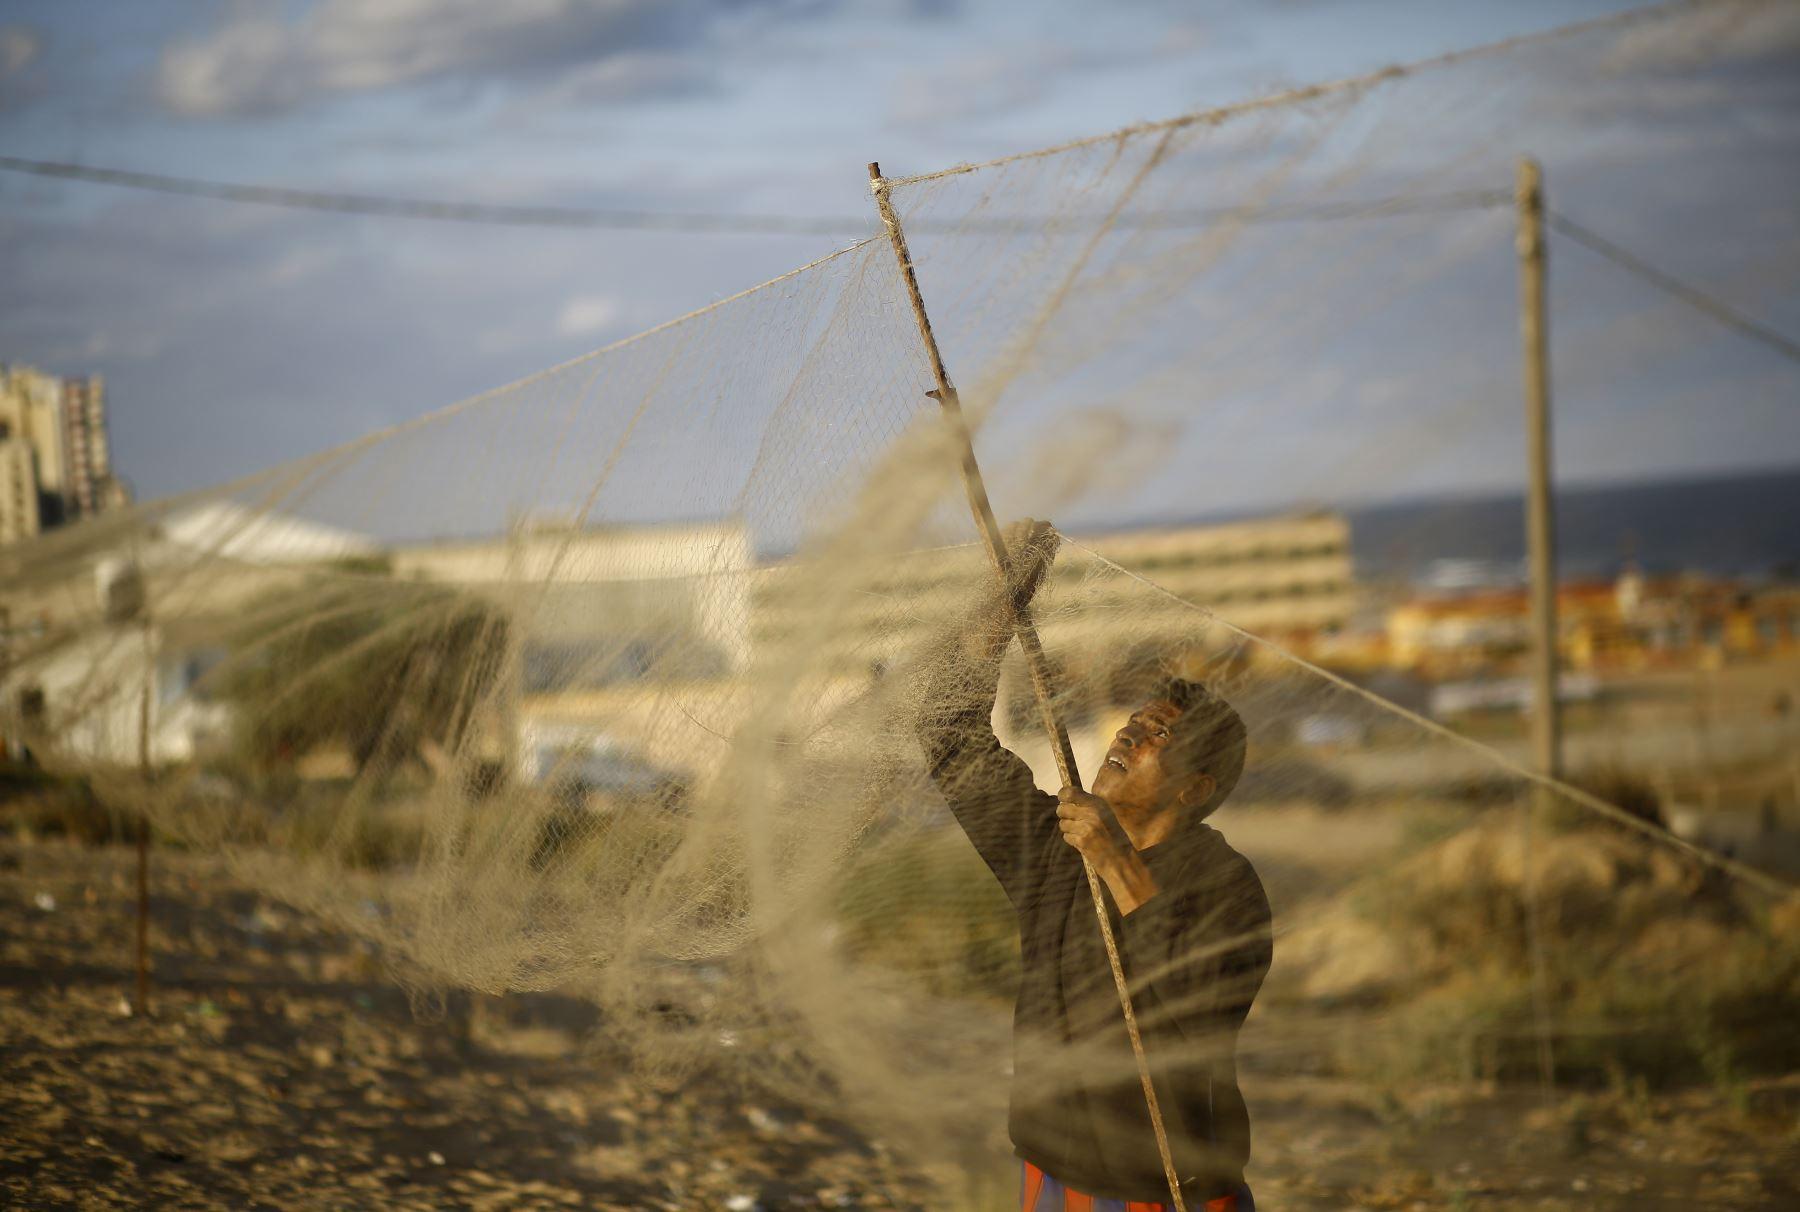 Sager Al-Qomi recoge una codorniz de su red en una playa en la ciudad de Gaza. Foto: AFP